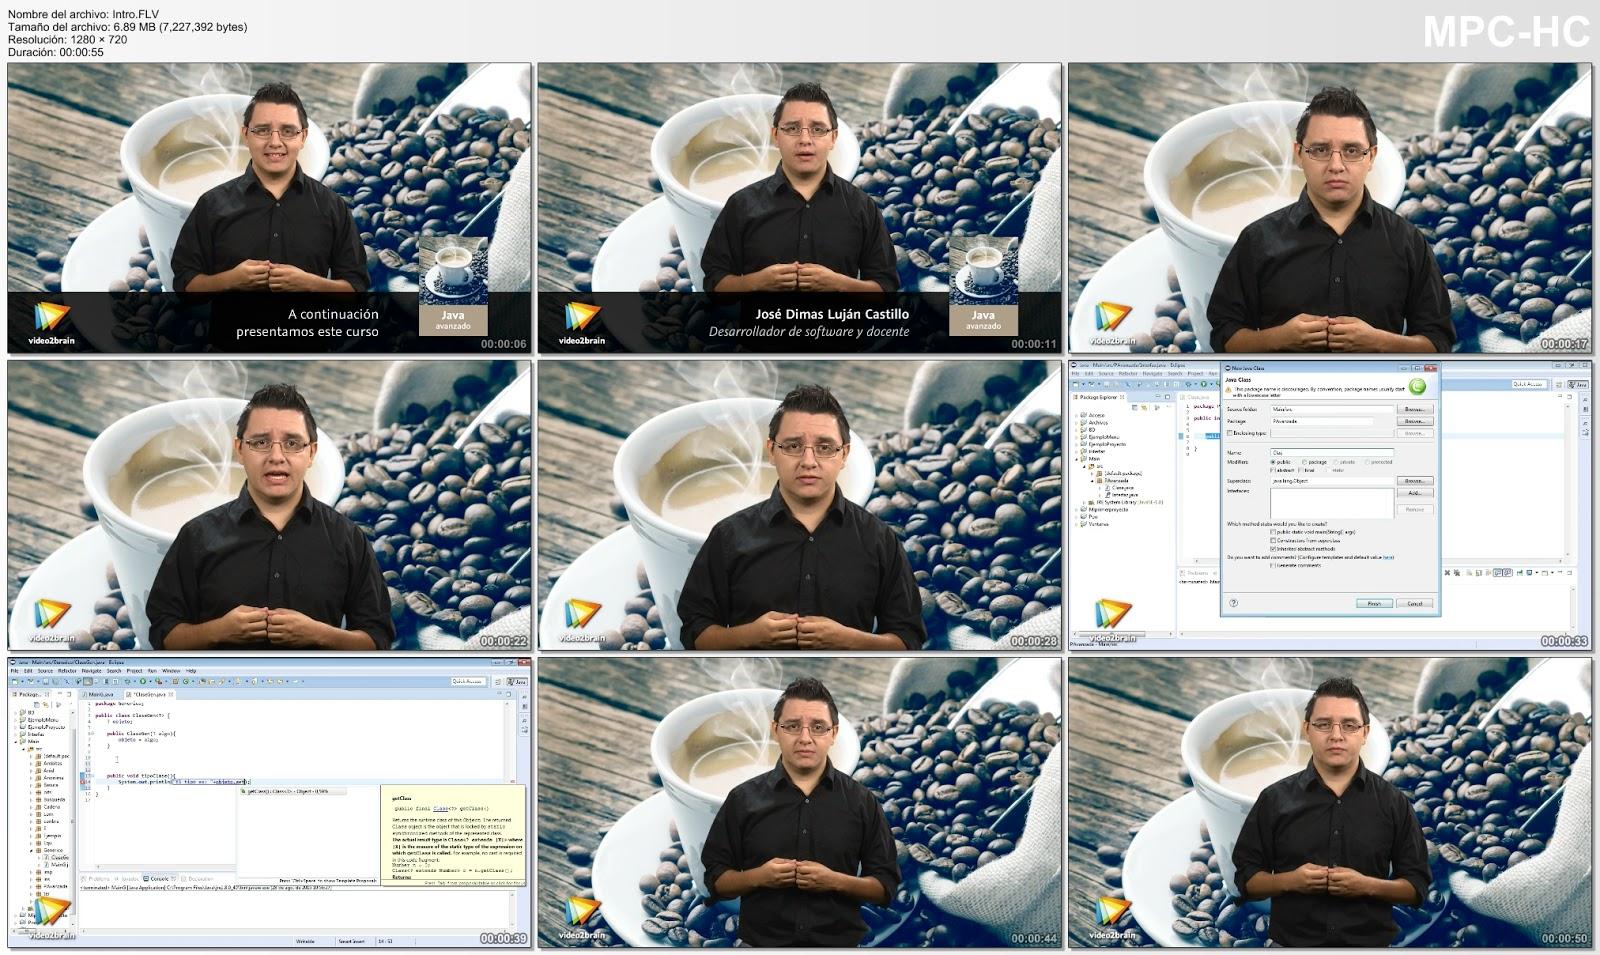 Introducción al curso de Java avanzado v2b